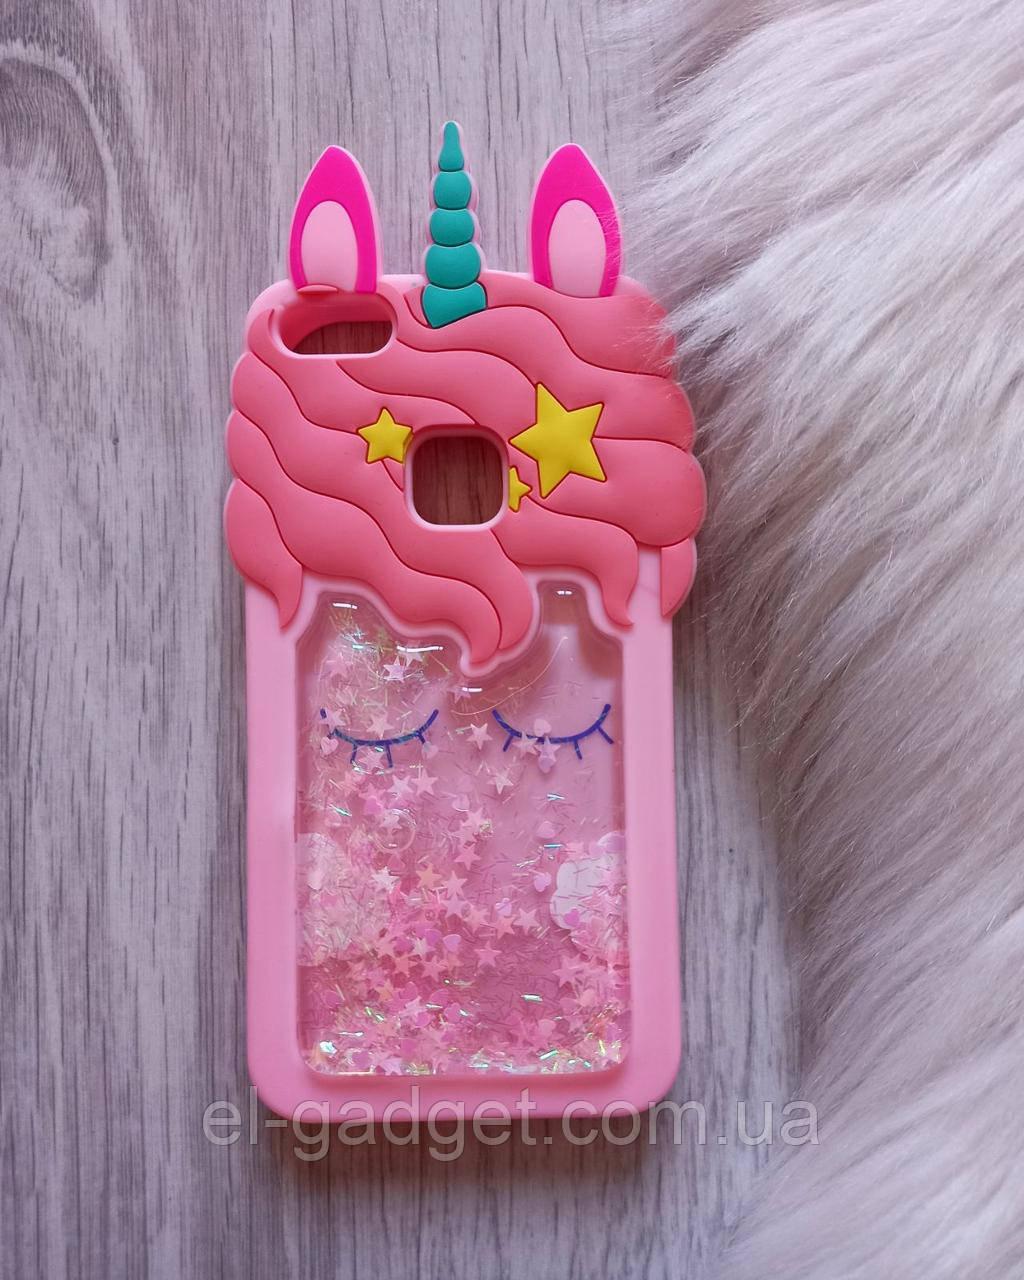 Чехол для Huawei P10 Lite Единорог розовый с блестками